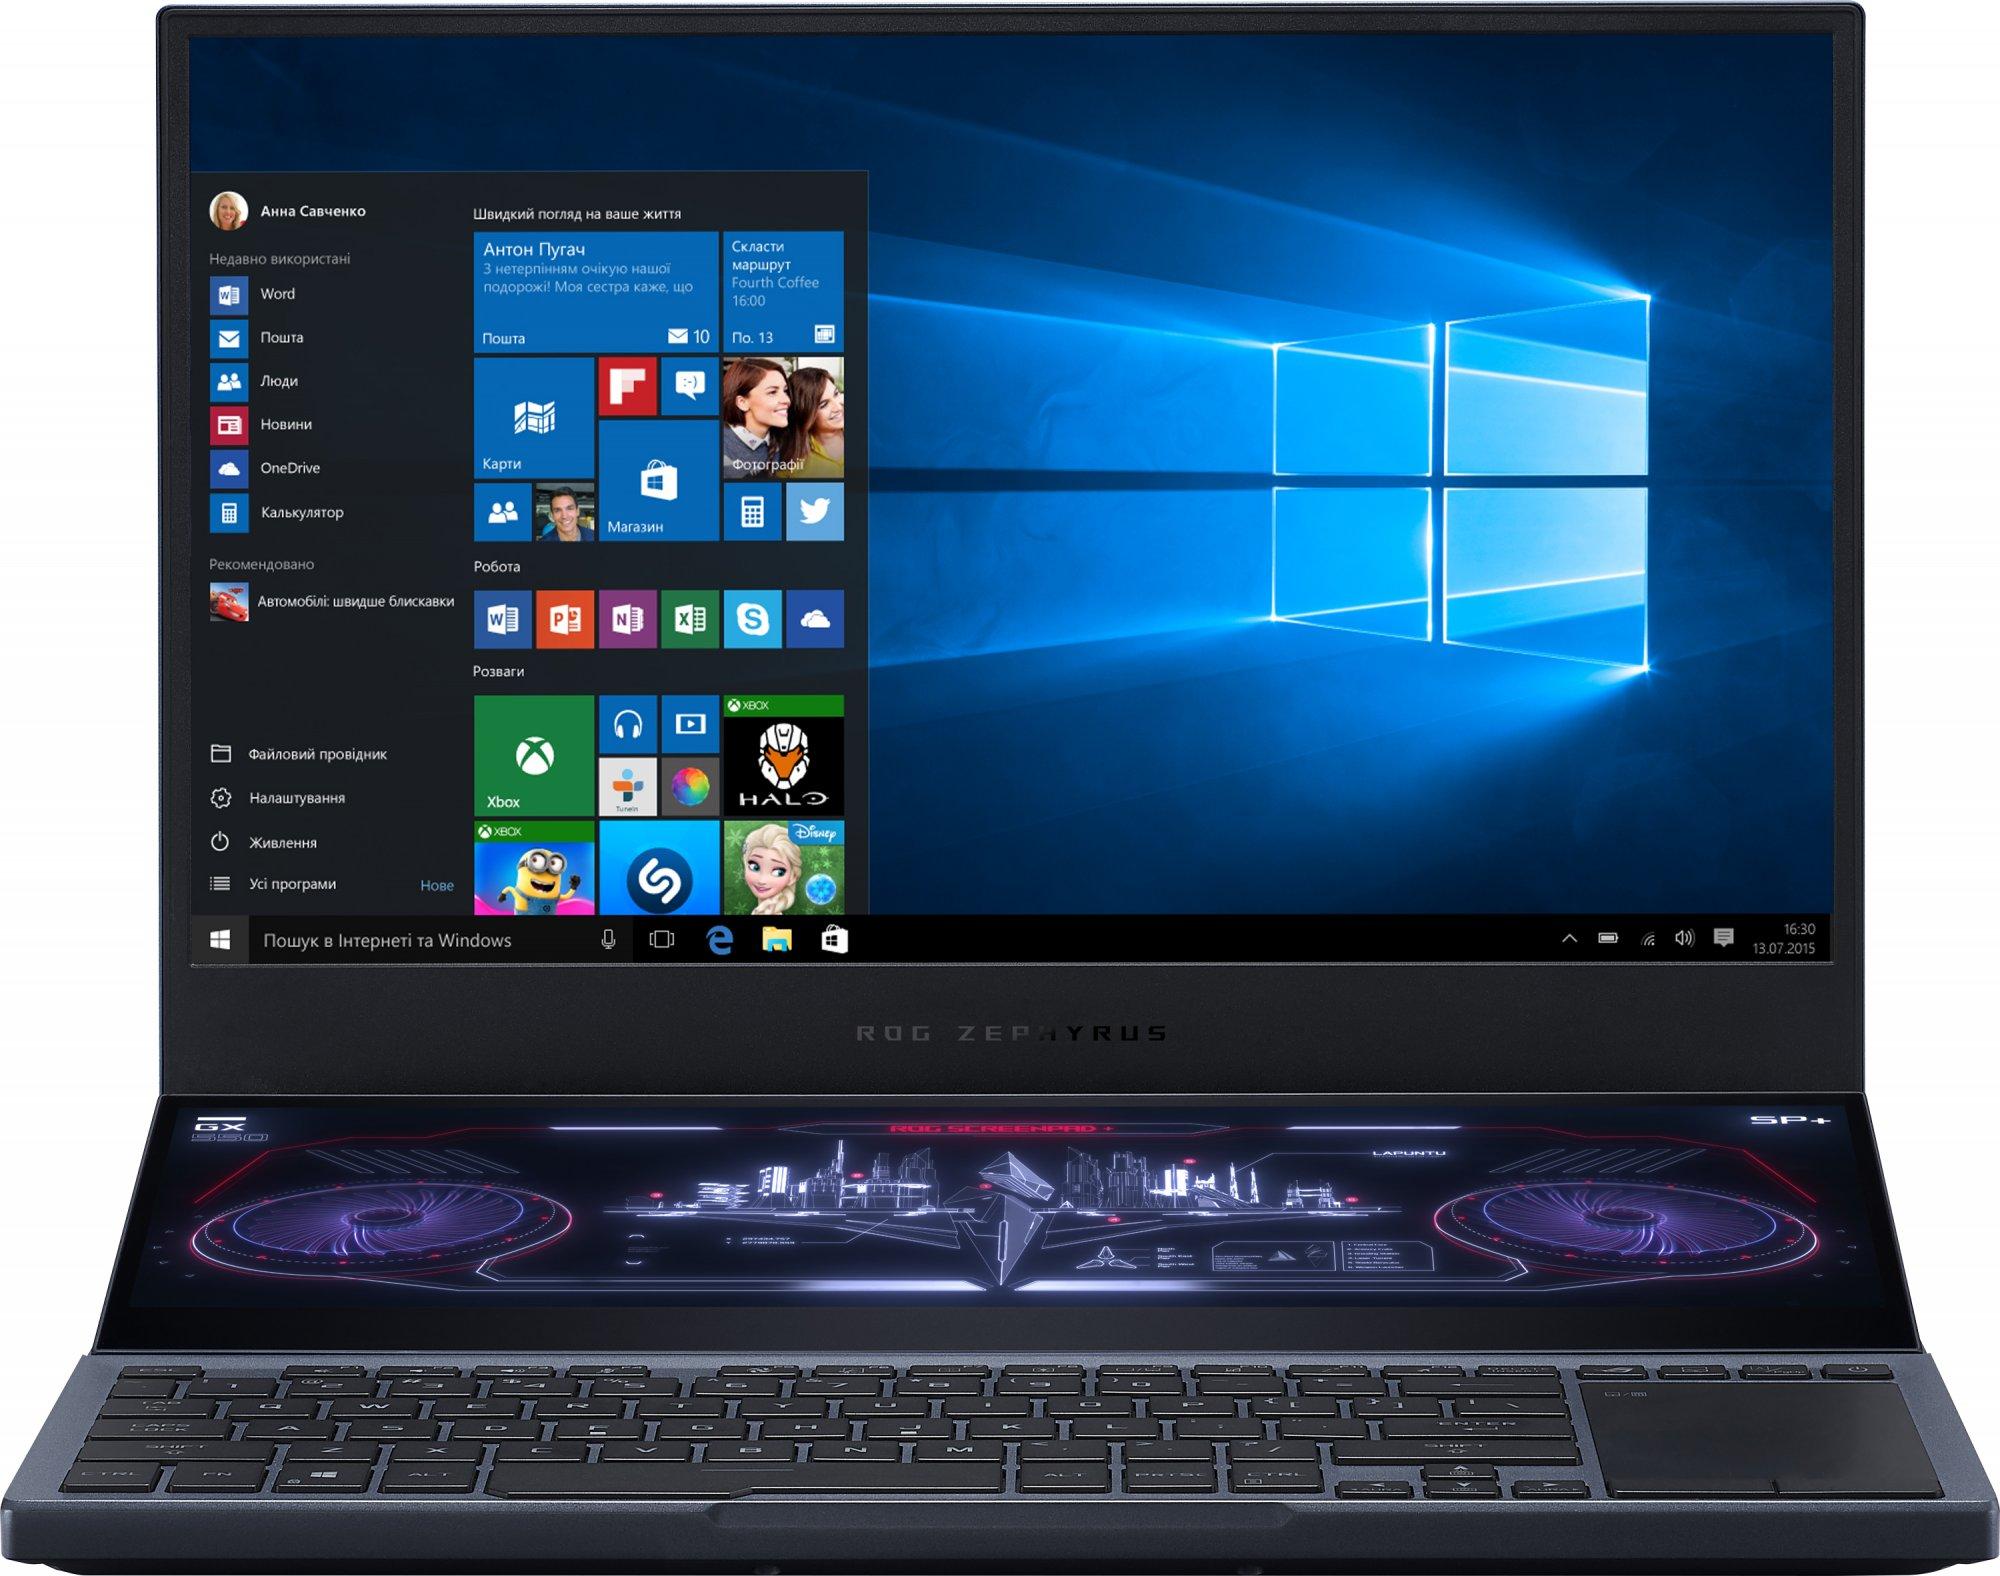 Купить Ноутбуки, Ноутбук ASUS ROG Zephyrus Duo 15 GX550LWS-HF101T Gunmetal Gray